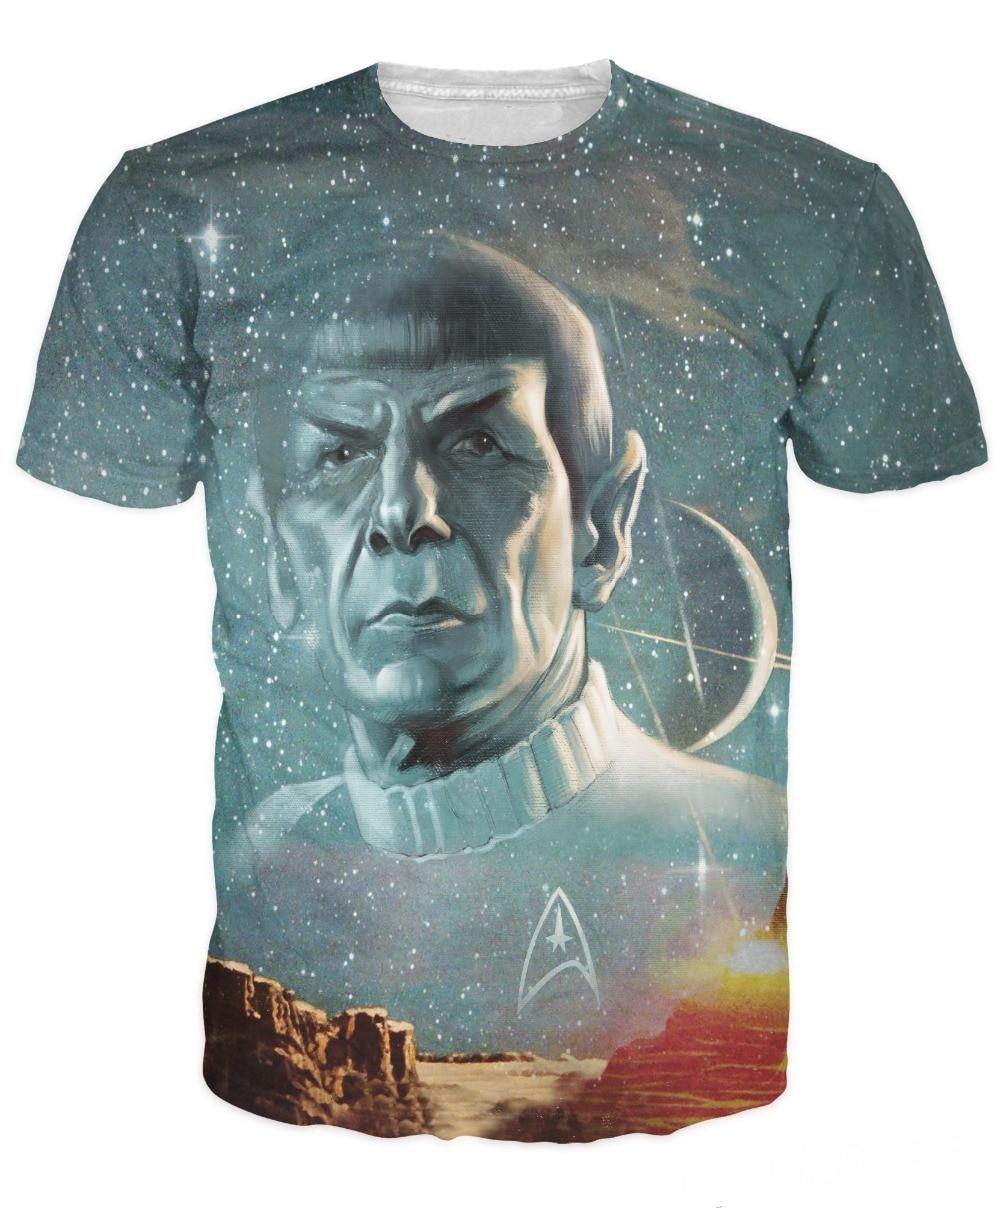 Sommer Stil tops Lange Leben und Prosper T-Shirt Star Trek Spock galaxy t sexy t-shirt für frauen männer plus größe freies verschiffen